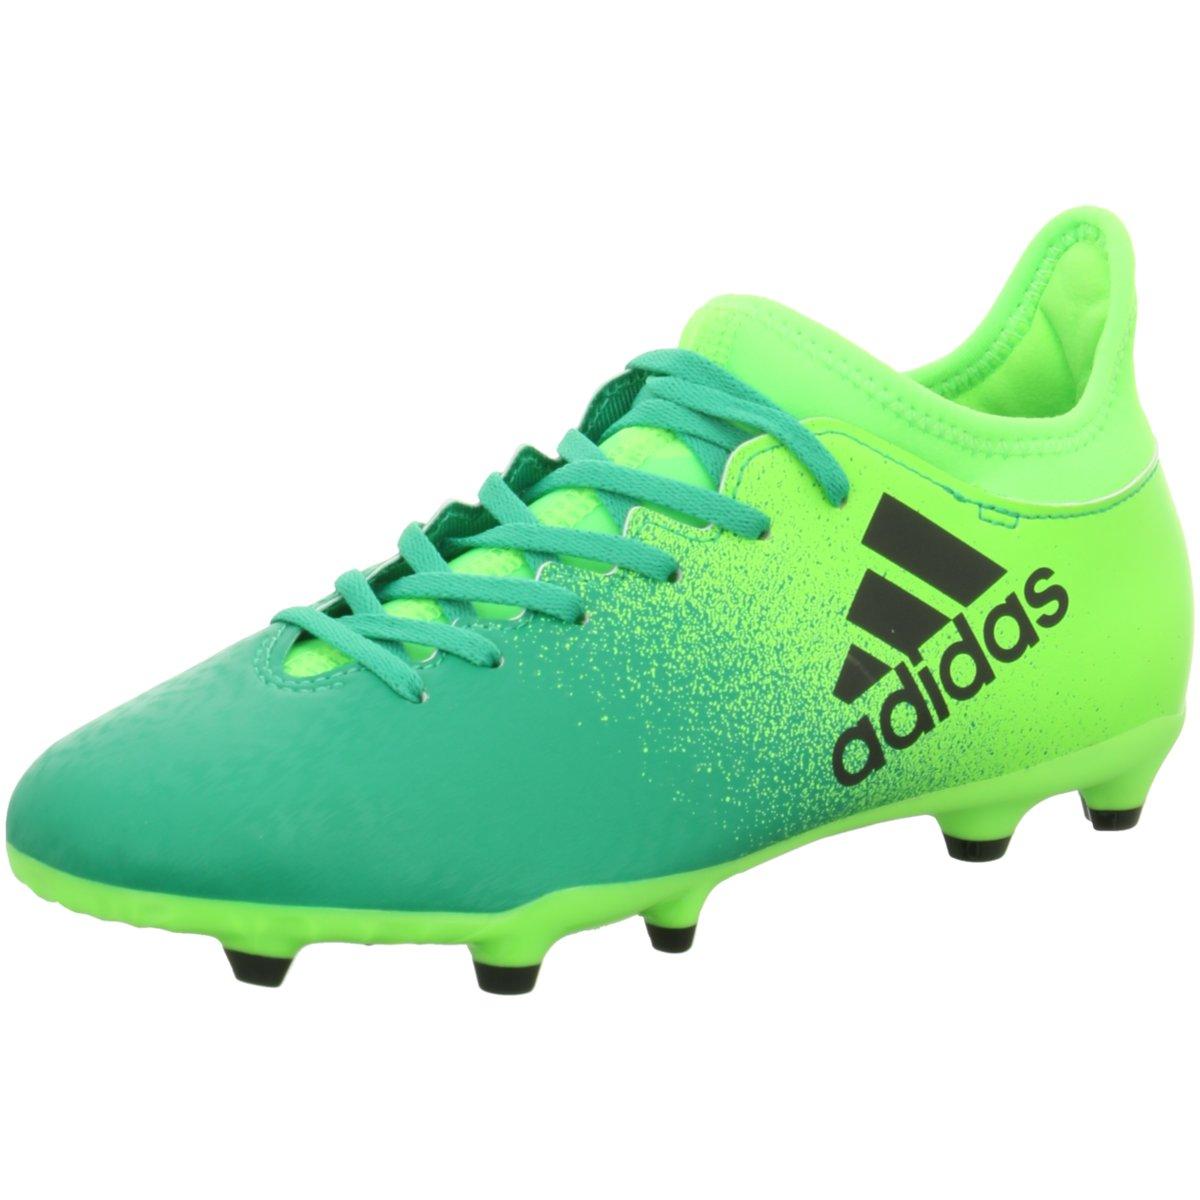 Details zu #S2K adidas Kinder Fussballschuhe X 16.3 FG Kinder Fußballschuhe Nocken grün